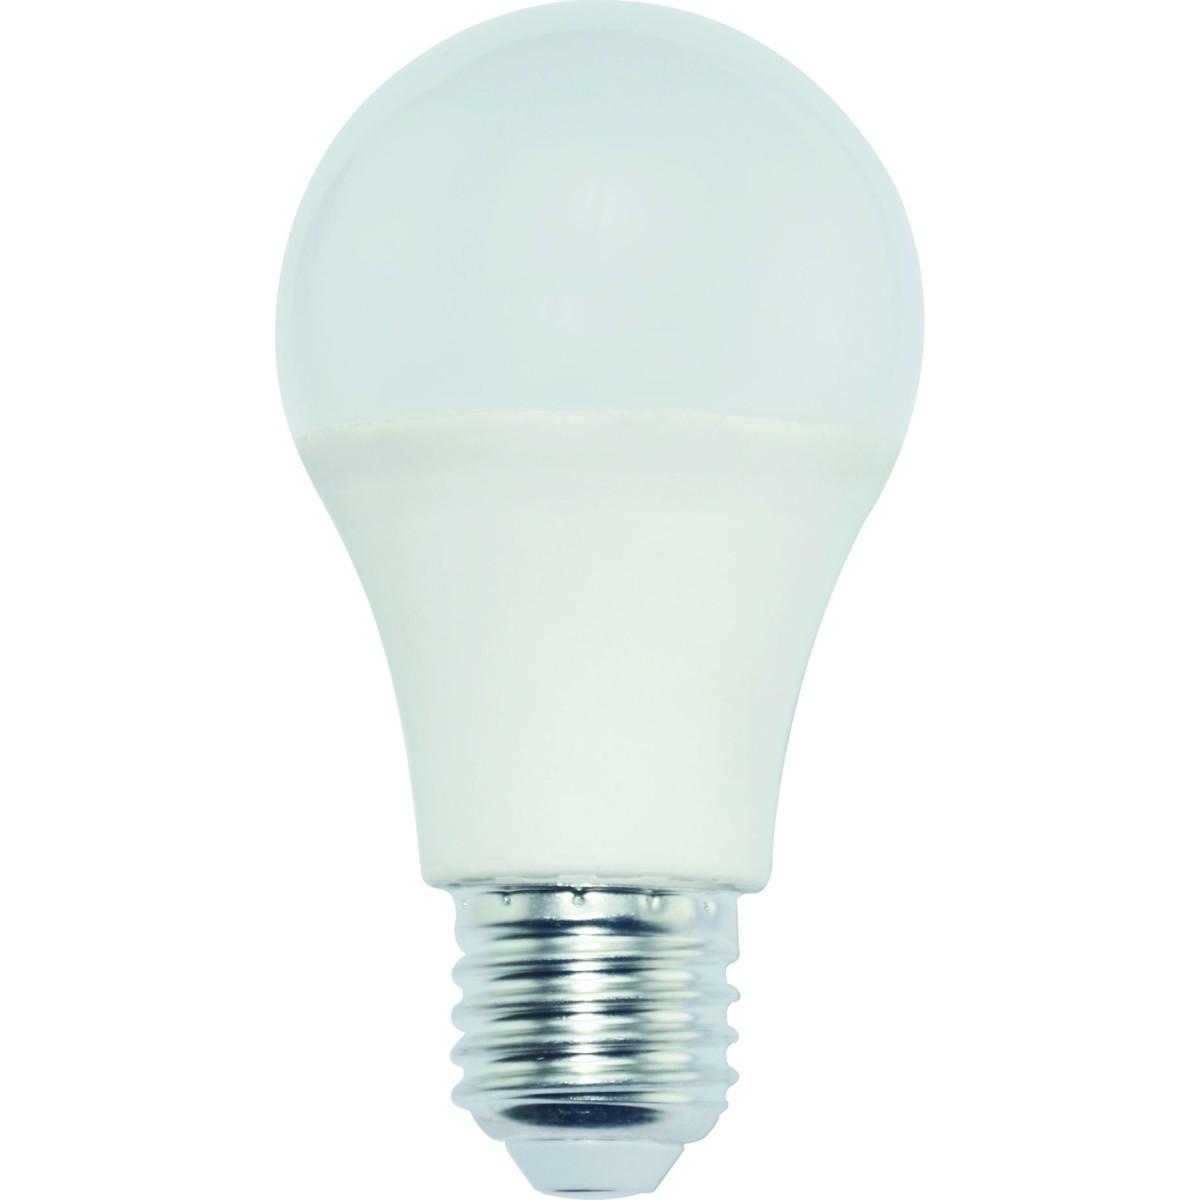 Лампа Ecola light E27 12 Вт груша 960 Лм нейтральный 4 шт